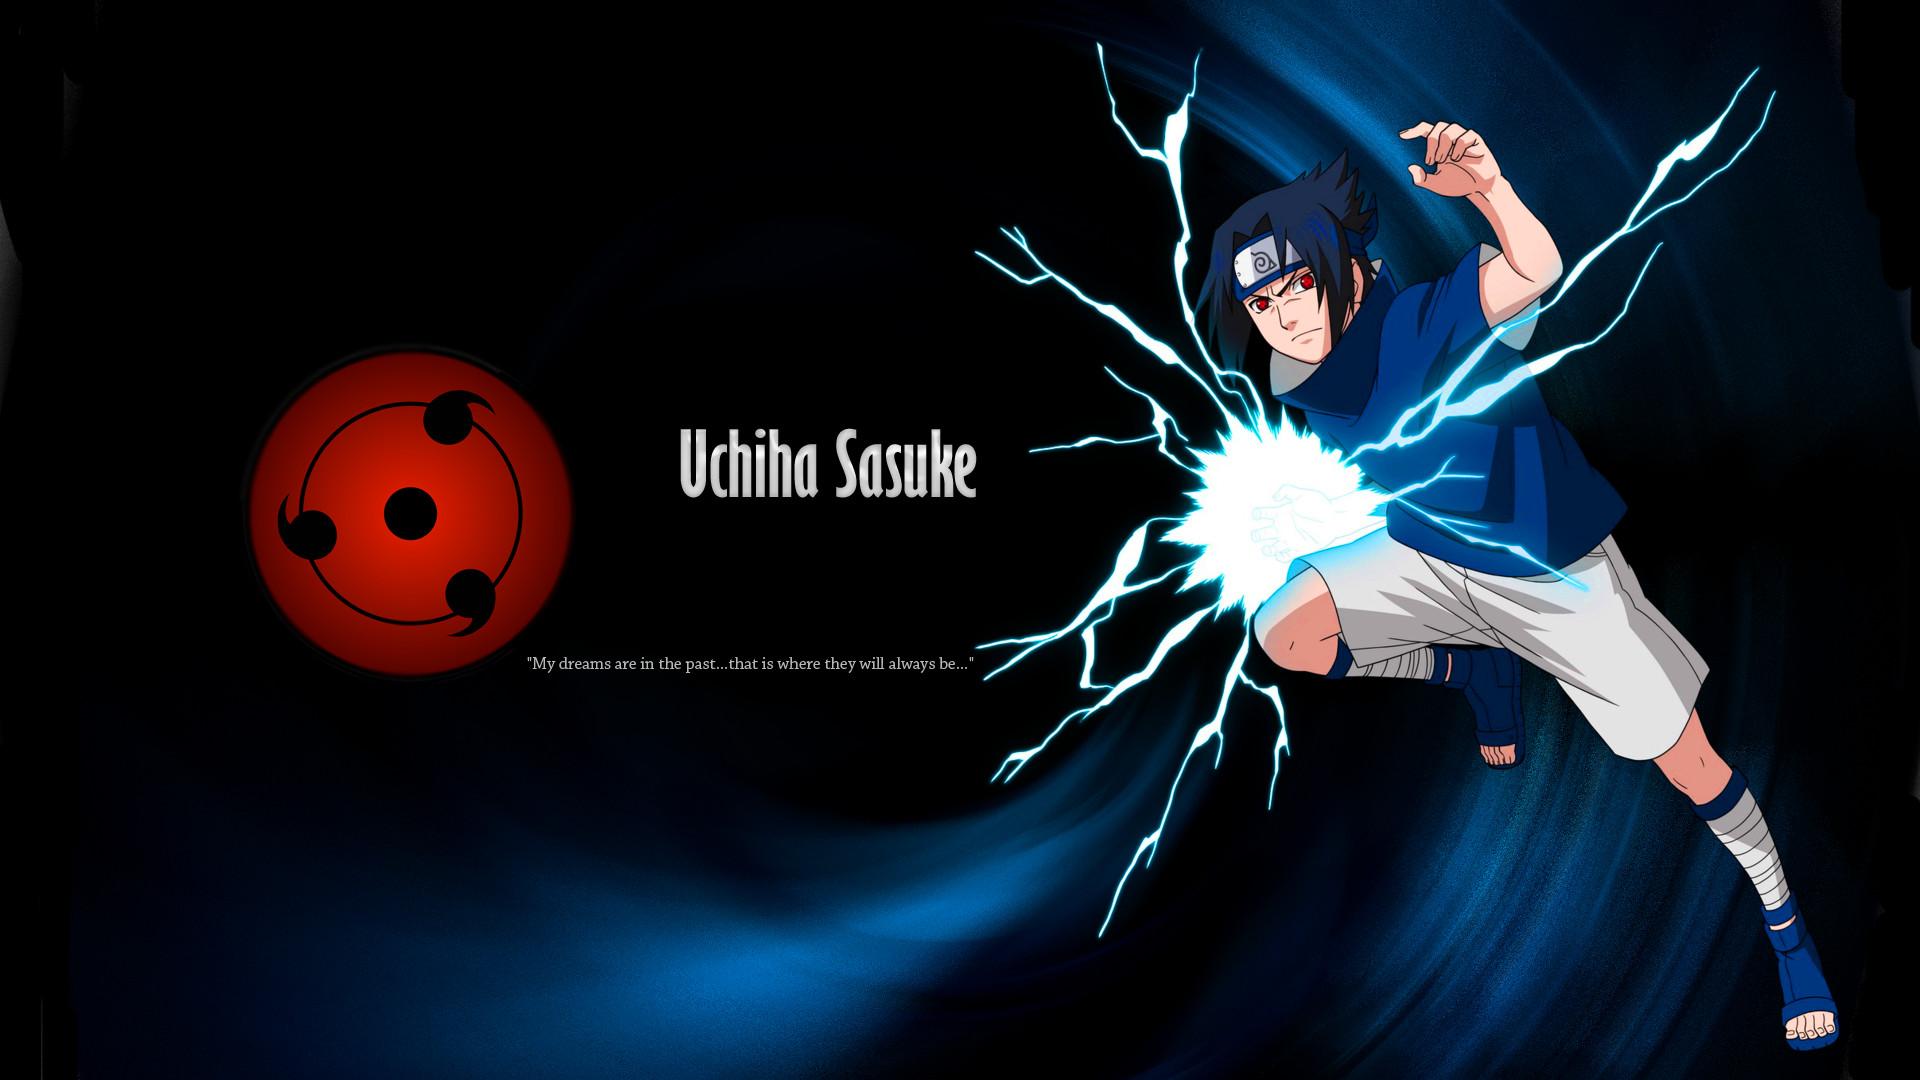 Naruto Shippuden Sasuke Wallpaper ·① WallpaperTag